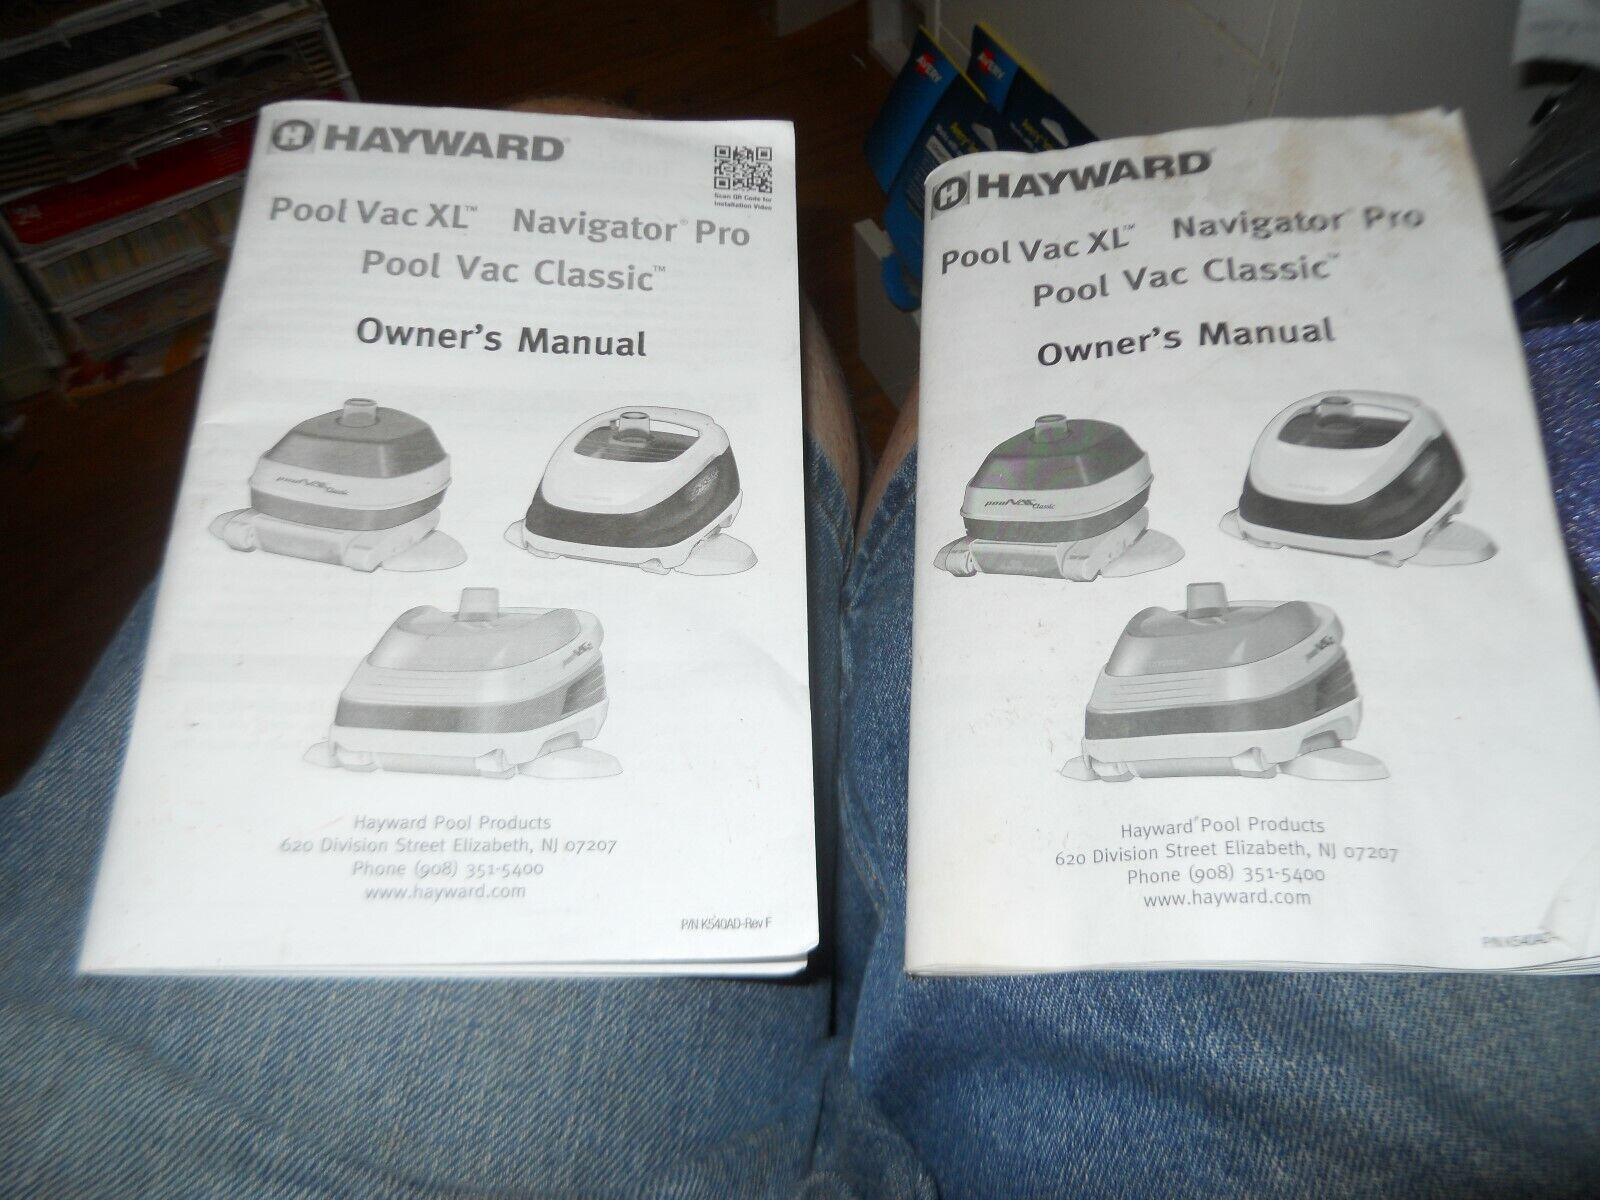 1 hayward pool vac xl navigator pro pool cleaner owners manual p/n.